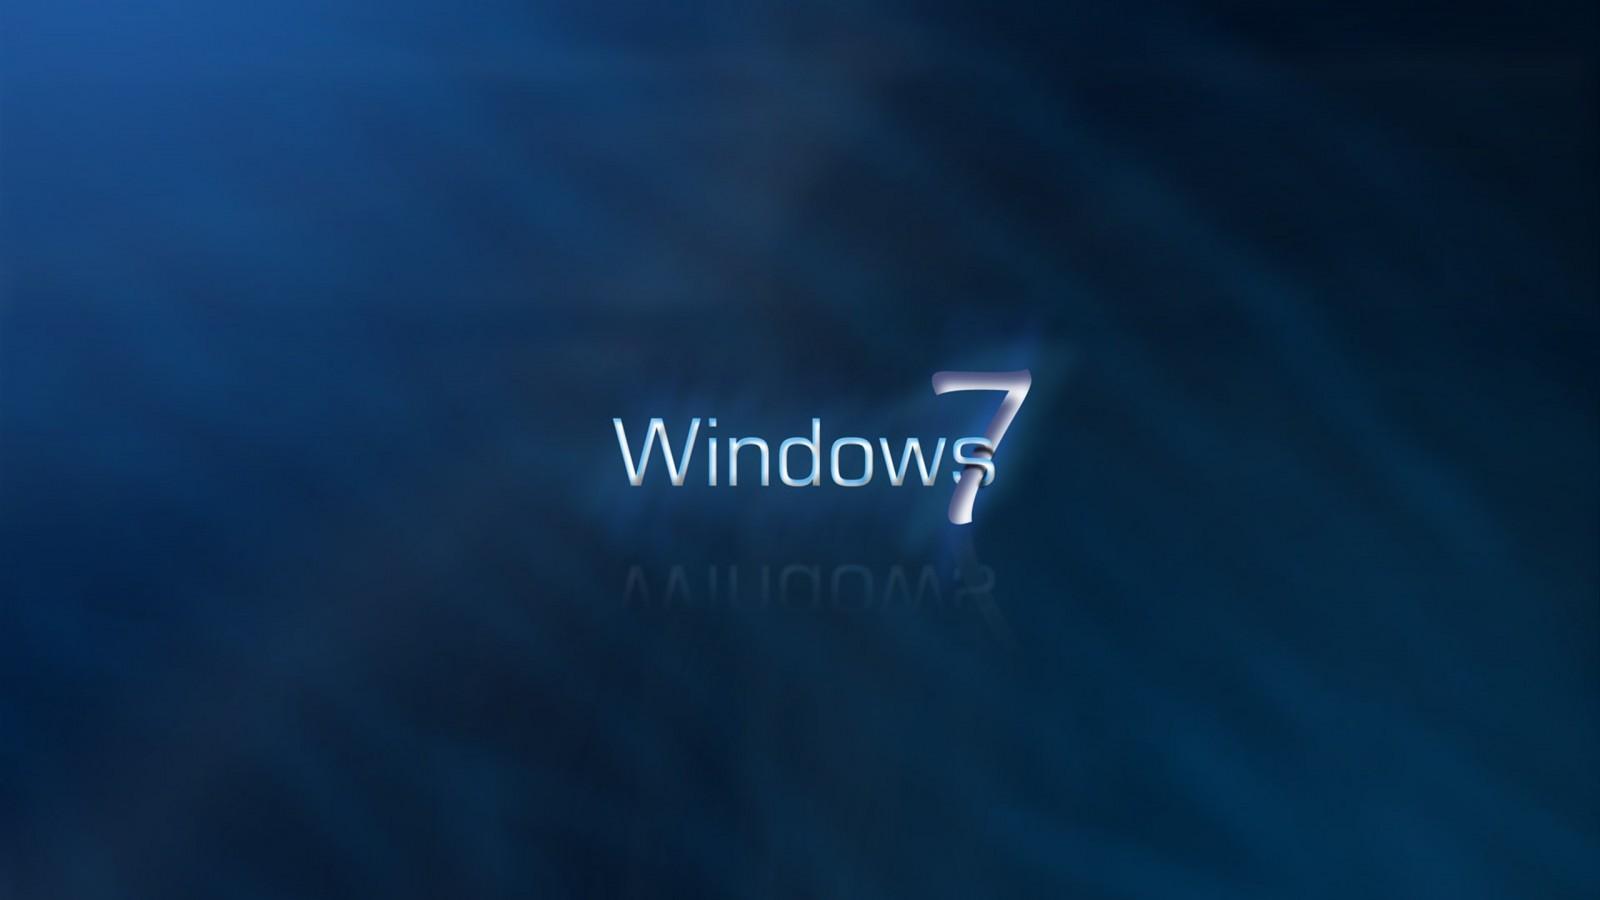 win10一键切换桌面的操作方法 Windows 7专论坛